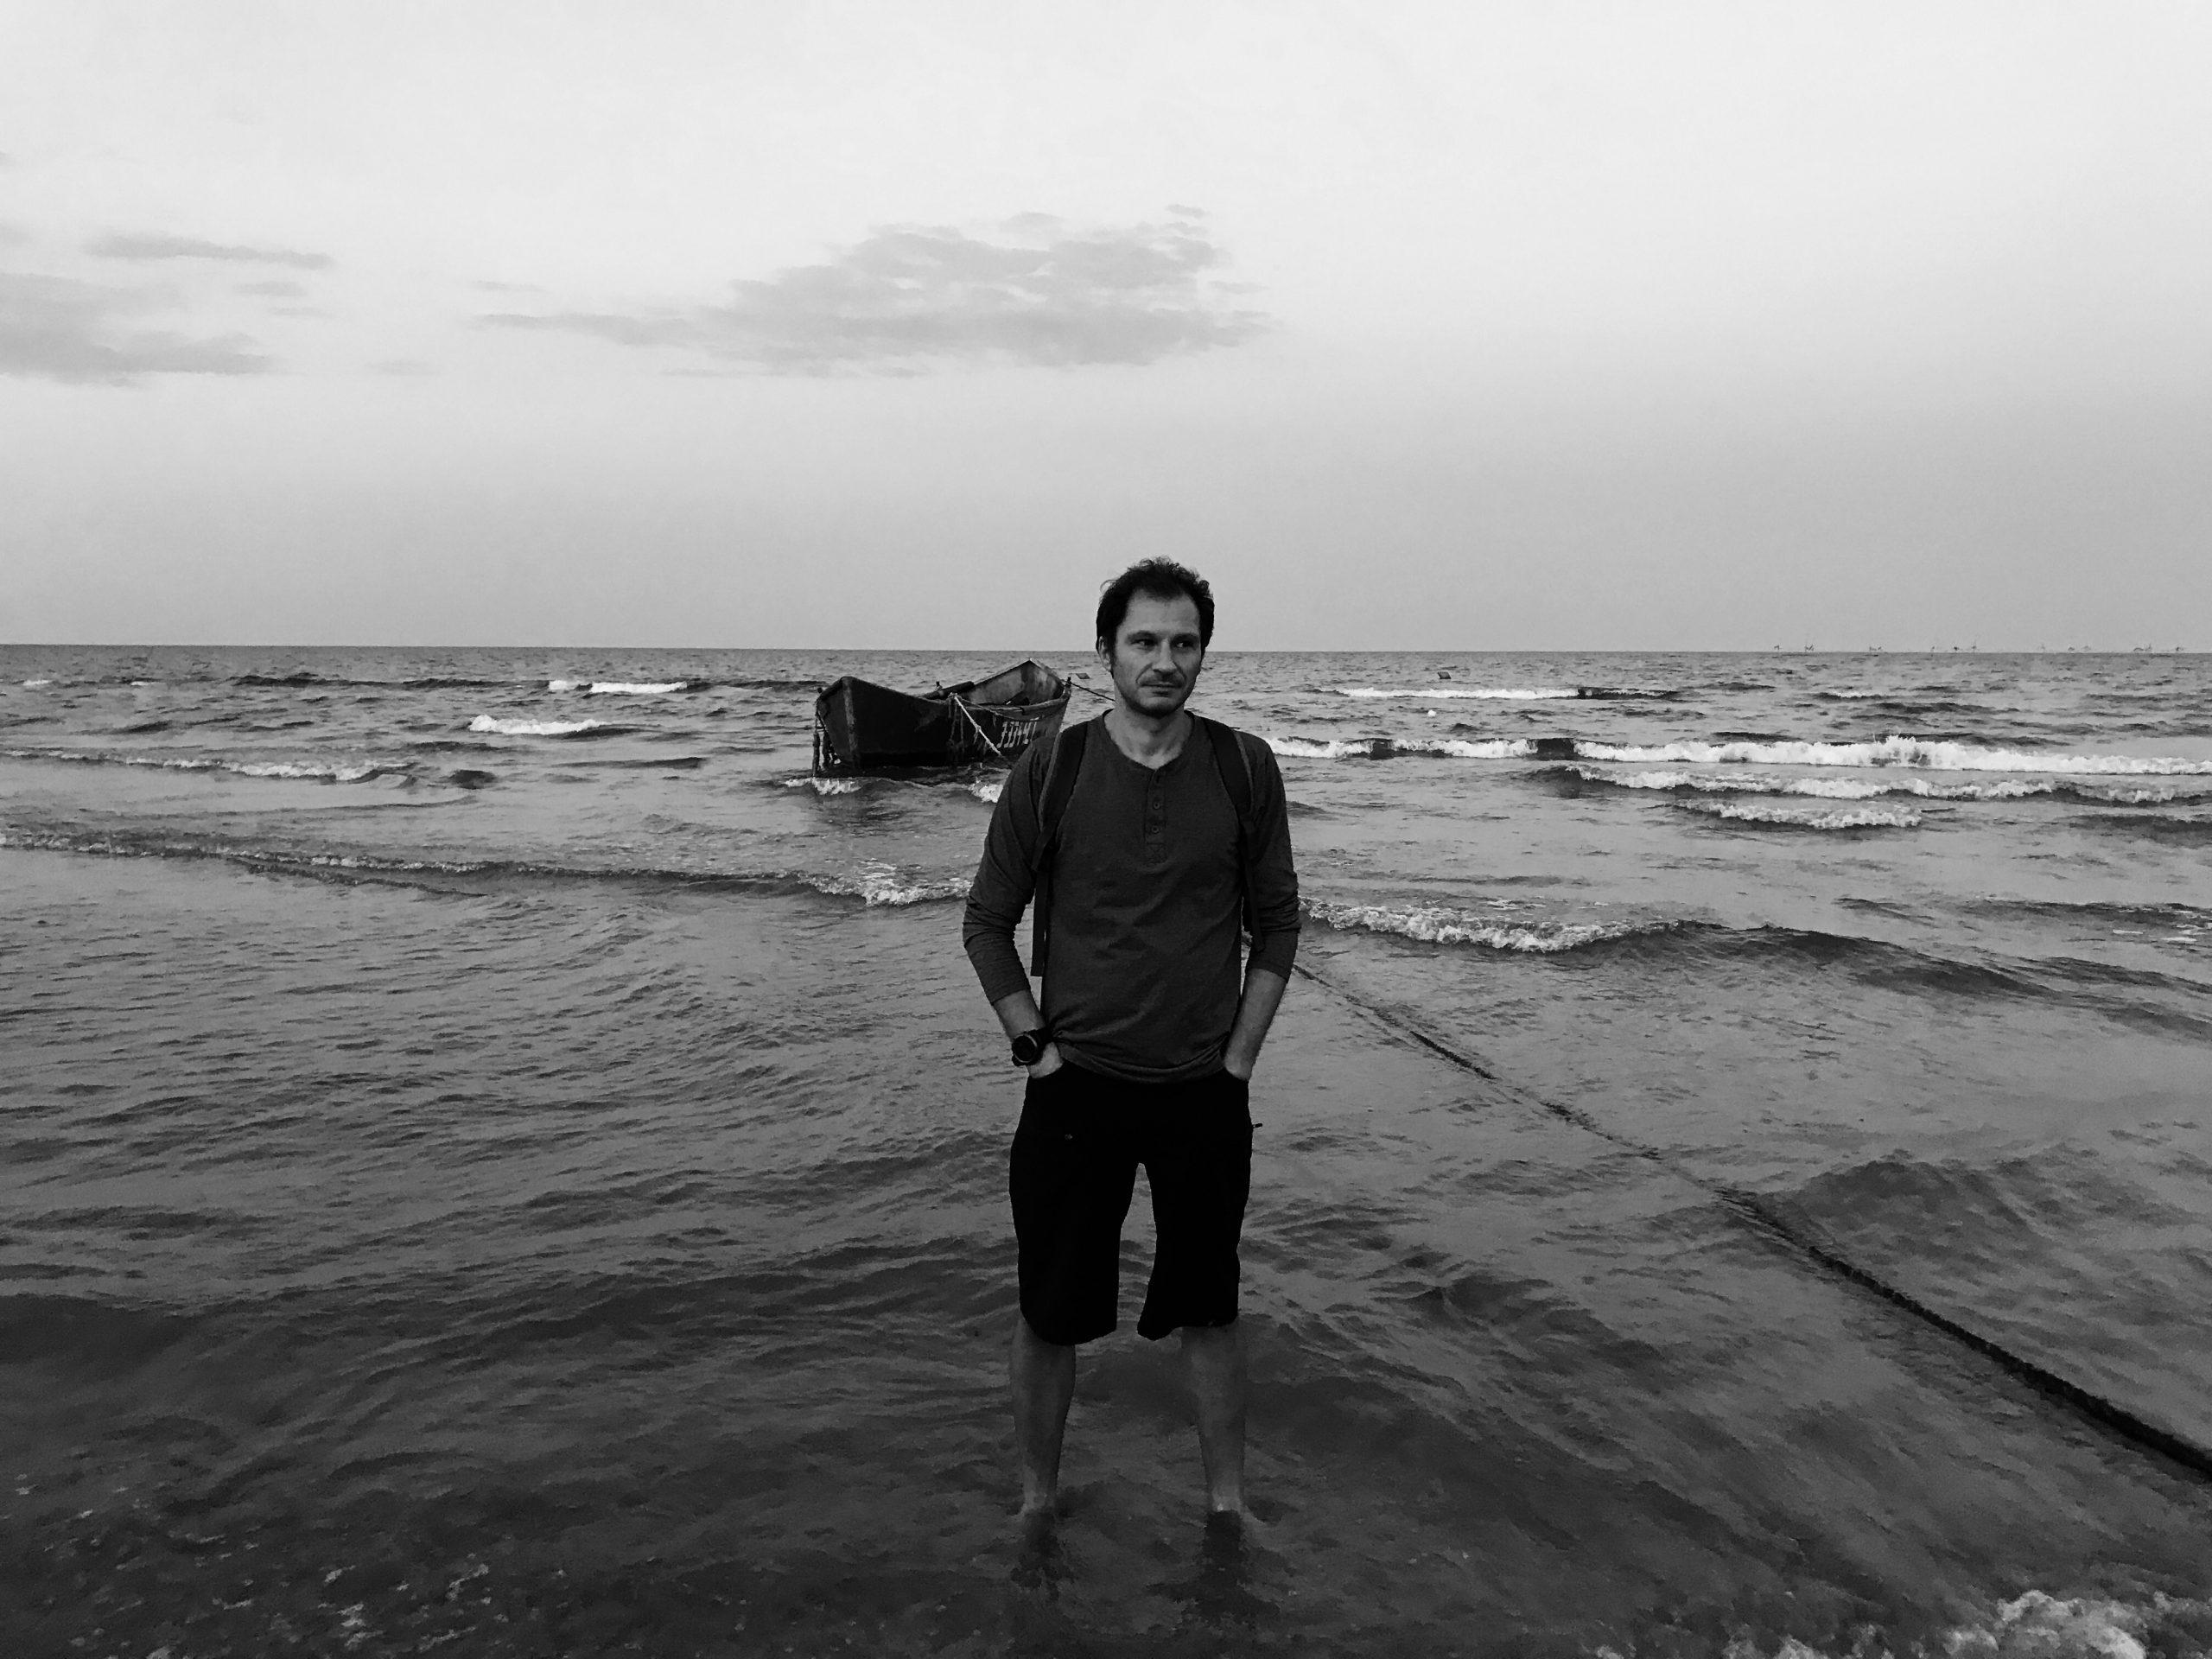 """Interviu cu scriitorul și criticul literar Bogdan Crețu: """"Pentru mine, literatura este inseparabilă de prietenie"""""""